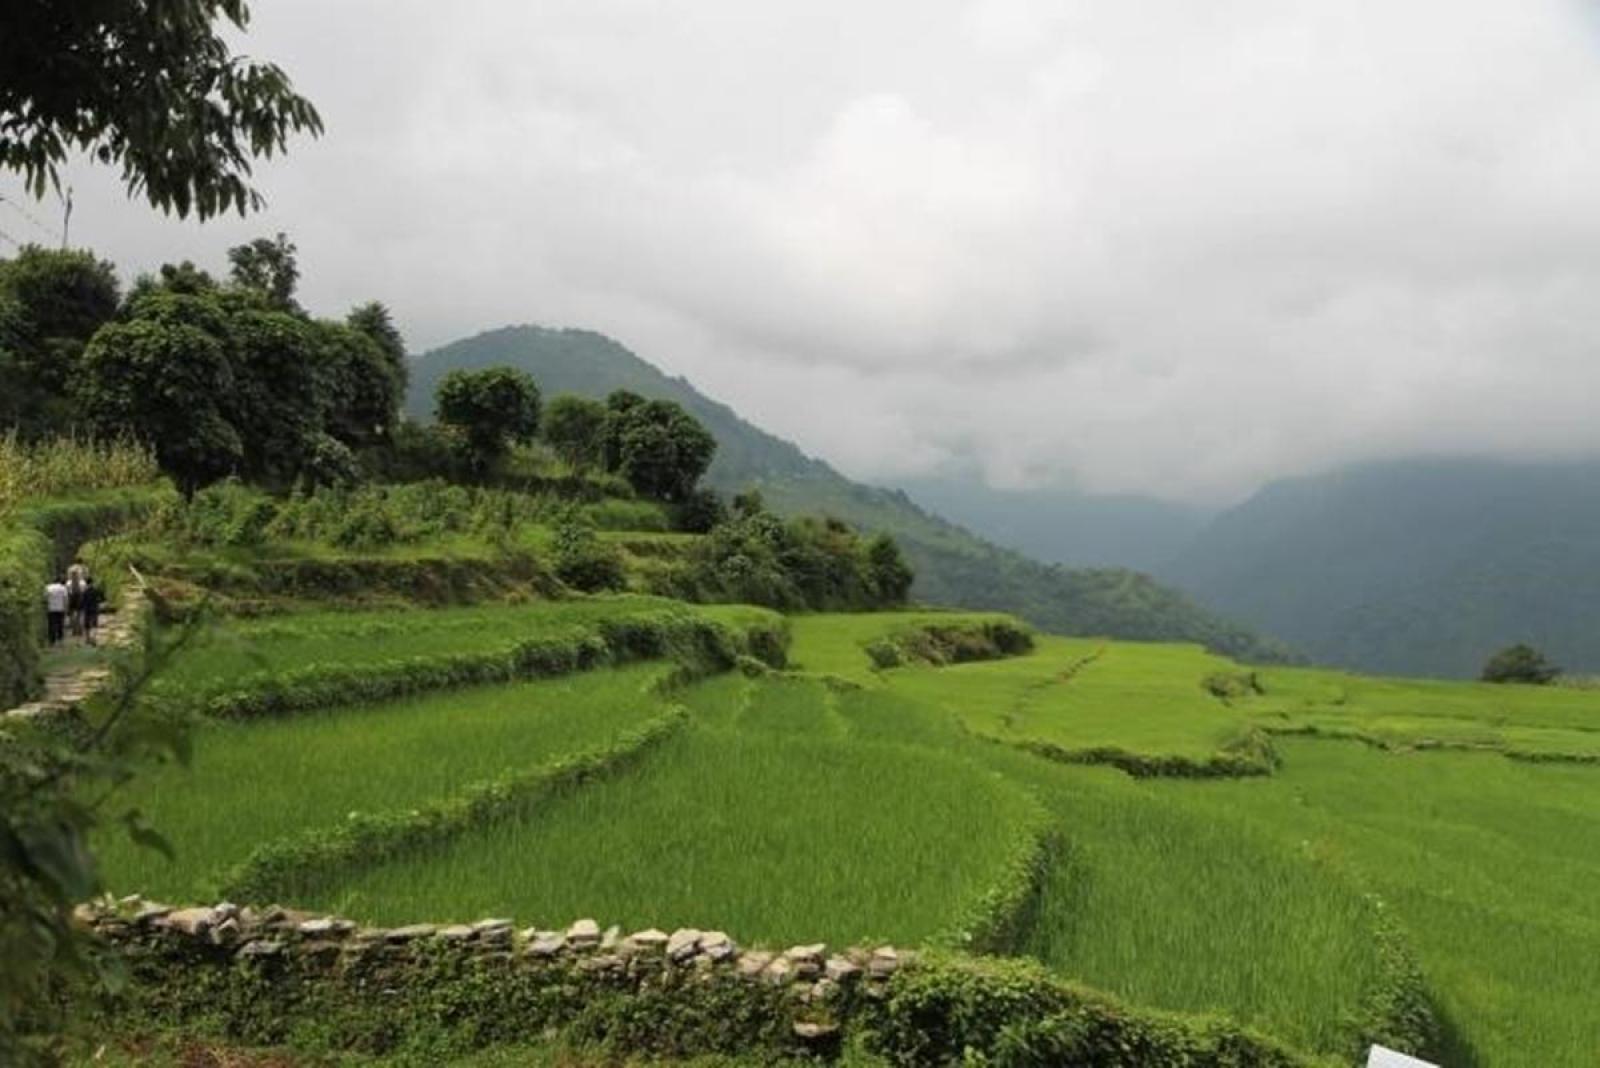 Un paysage sur le projet d'écovolontariat dans les montagnes de l'Himalaya au Népal